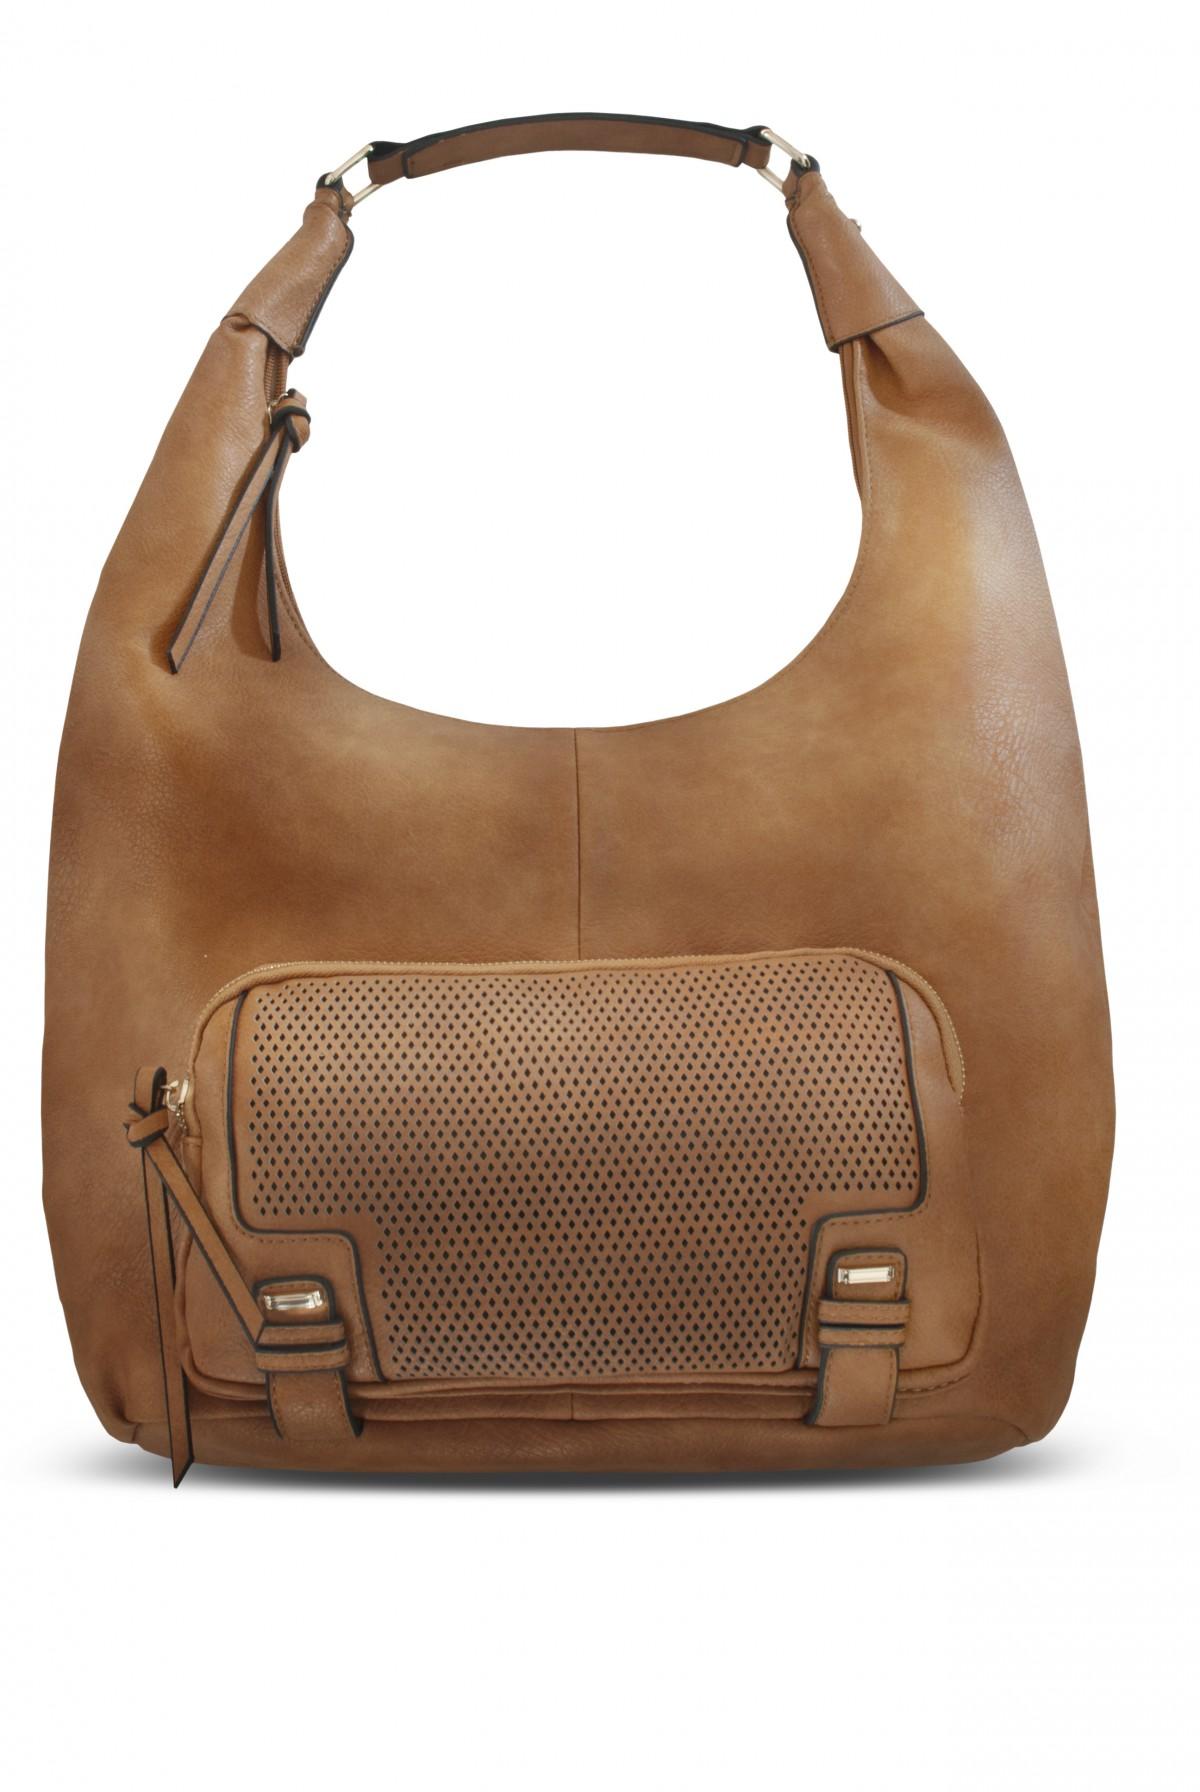 Kostenlose foto : Handtasche, Frauen Brieftasche, Geldbörse, braun ...